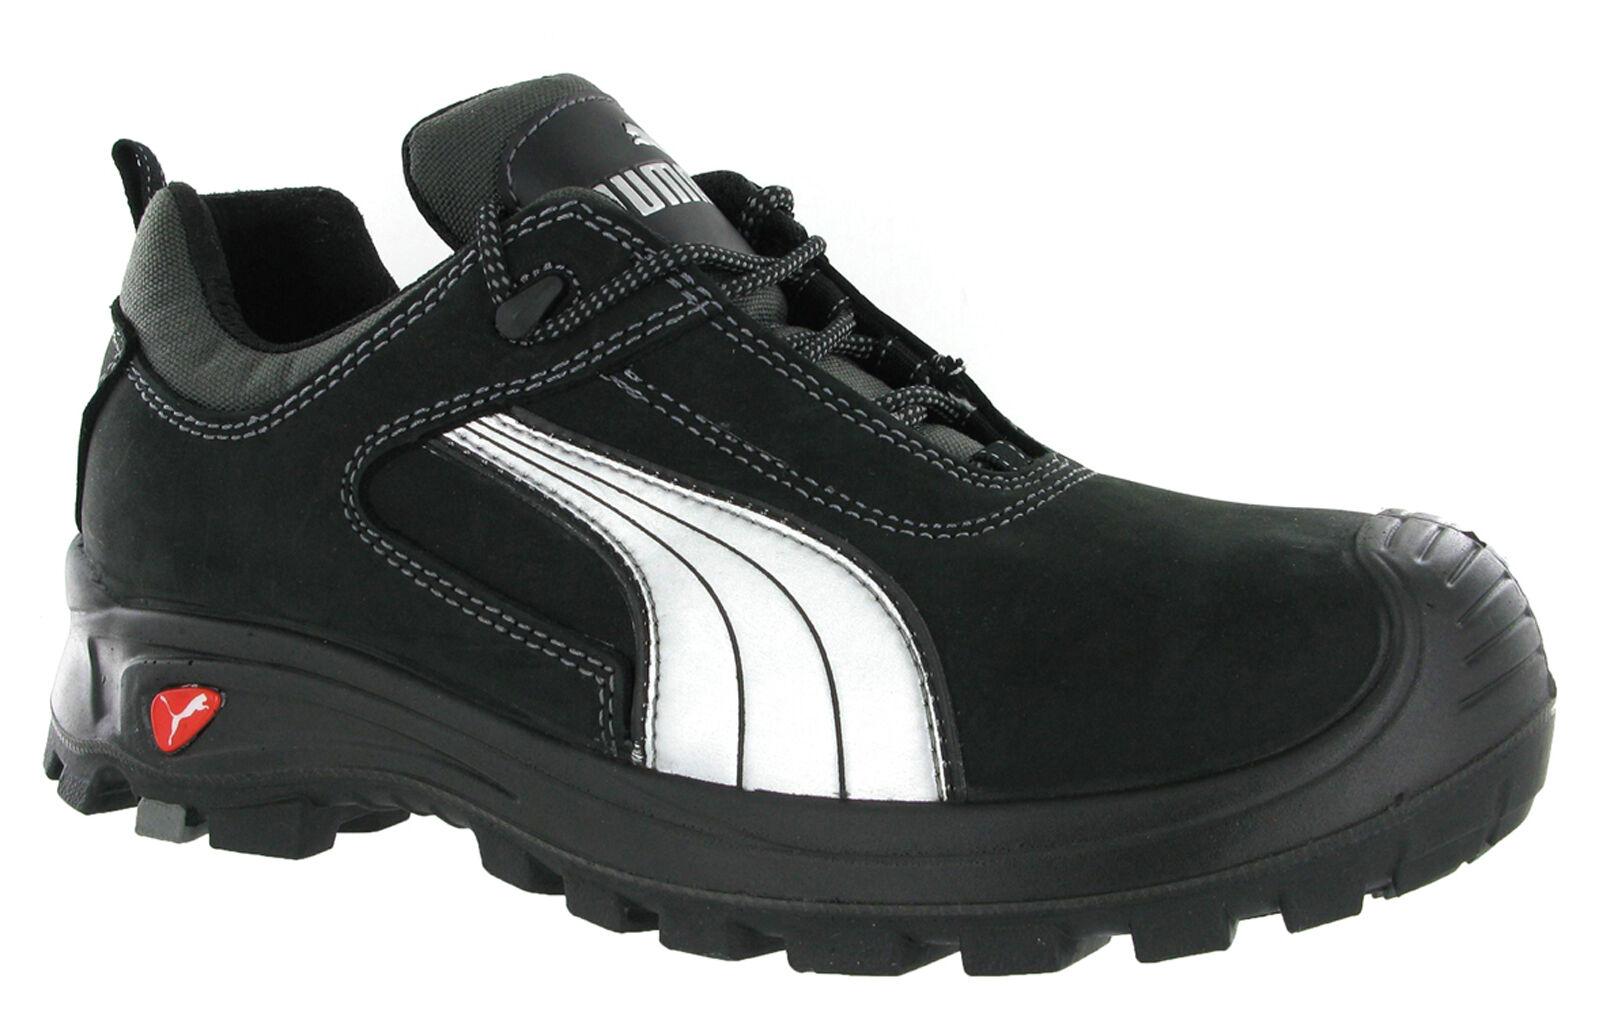 Puma Cascades Low Black S3 Safety Midsole Toe Cap Mens Trainers shoes UK6-13